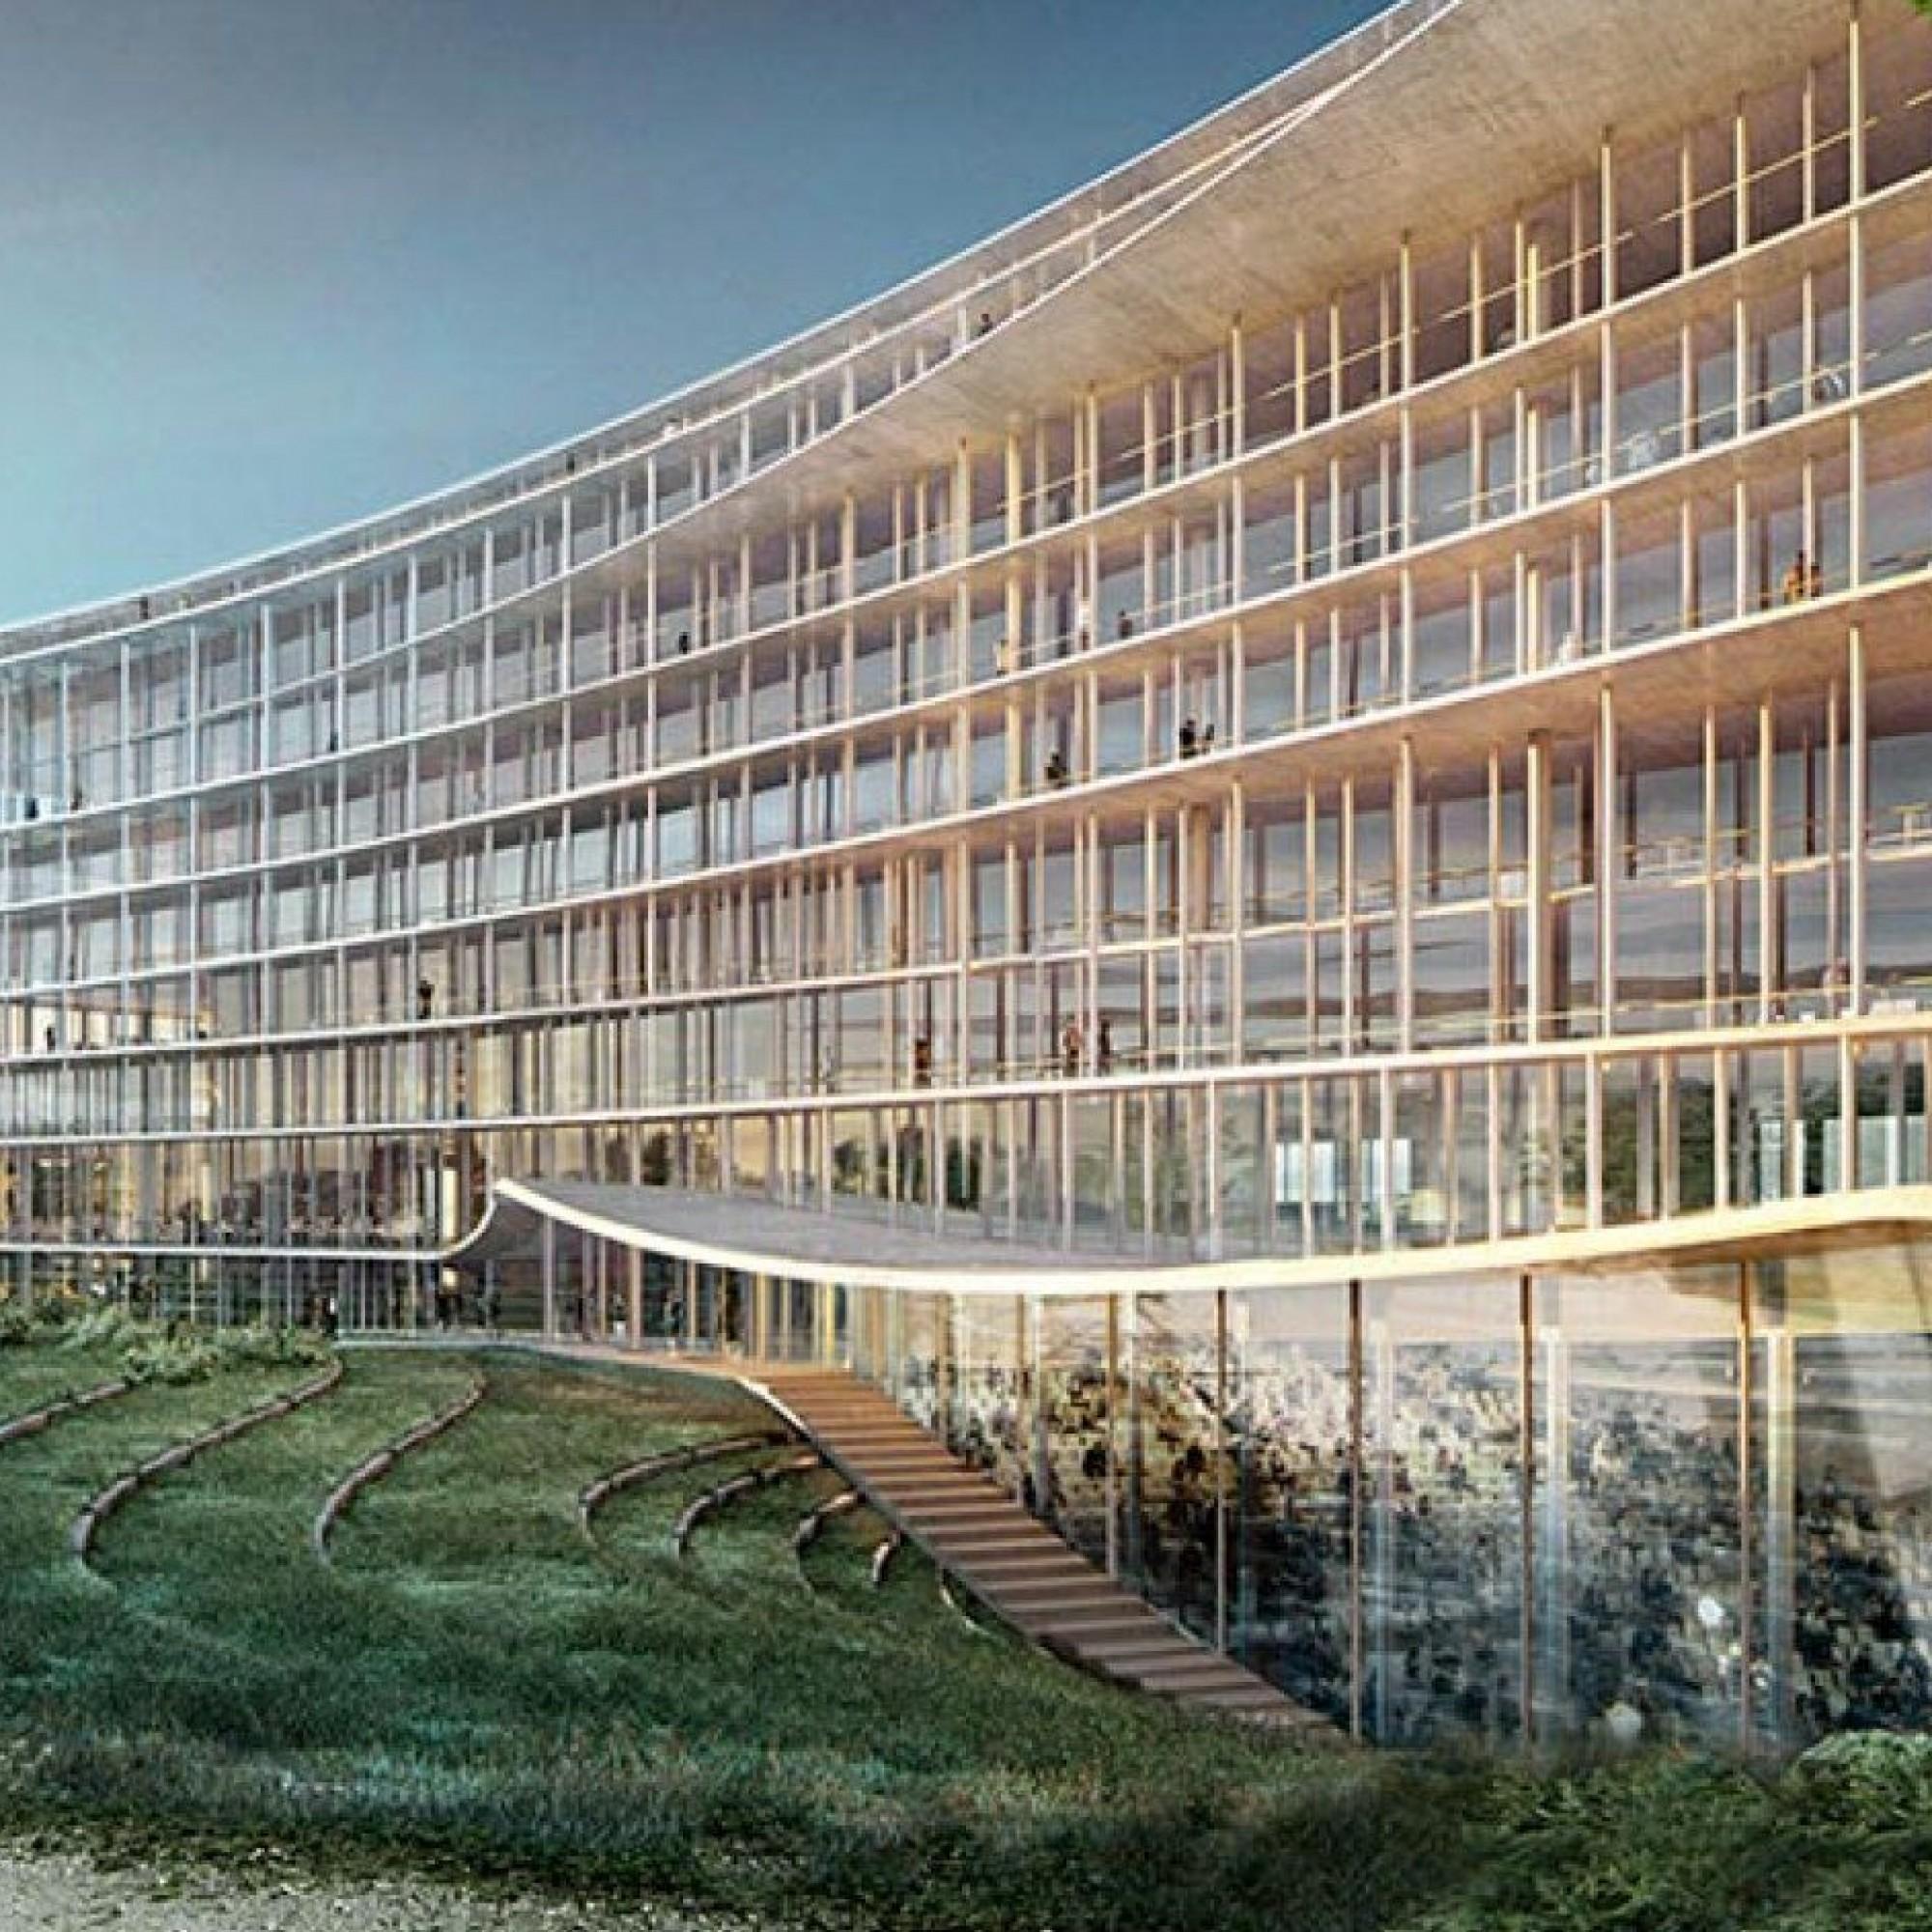 Conçu par le bureau d'architectes Herzog et Meuron, le nouveau siège de la banque Lombard Odier conjugue élégance, luxe et durabilité sur ses quatre façades identiques.